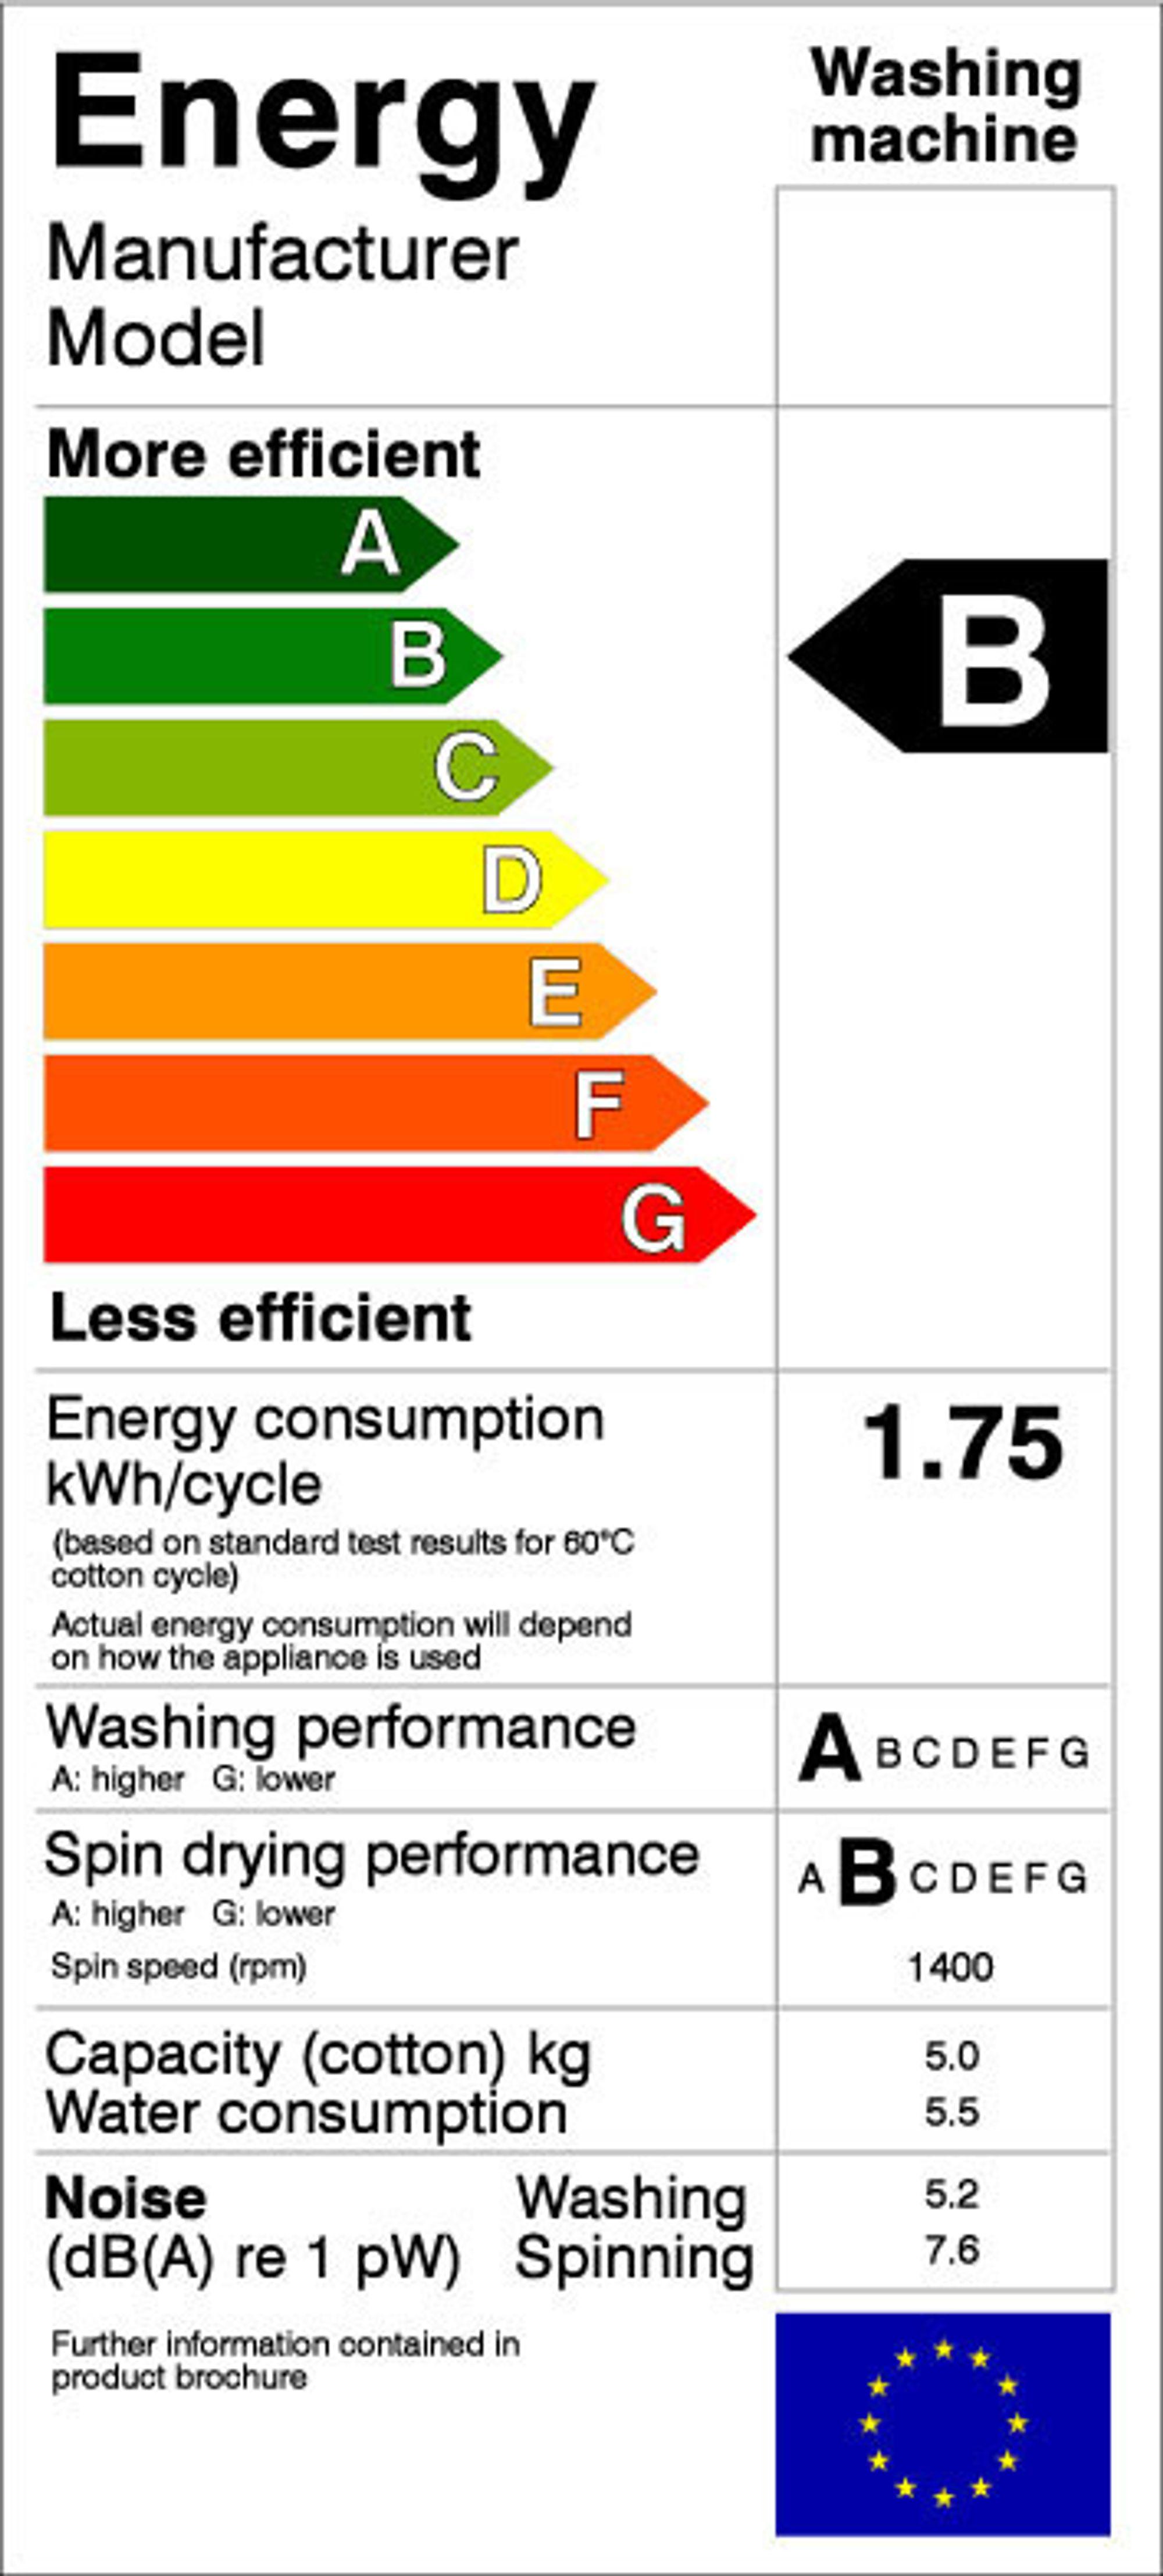 Energimerkene inneholder mye informasjon til forbrukeren. Mange butikker merker feil, forteller NVE.